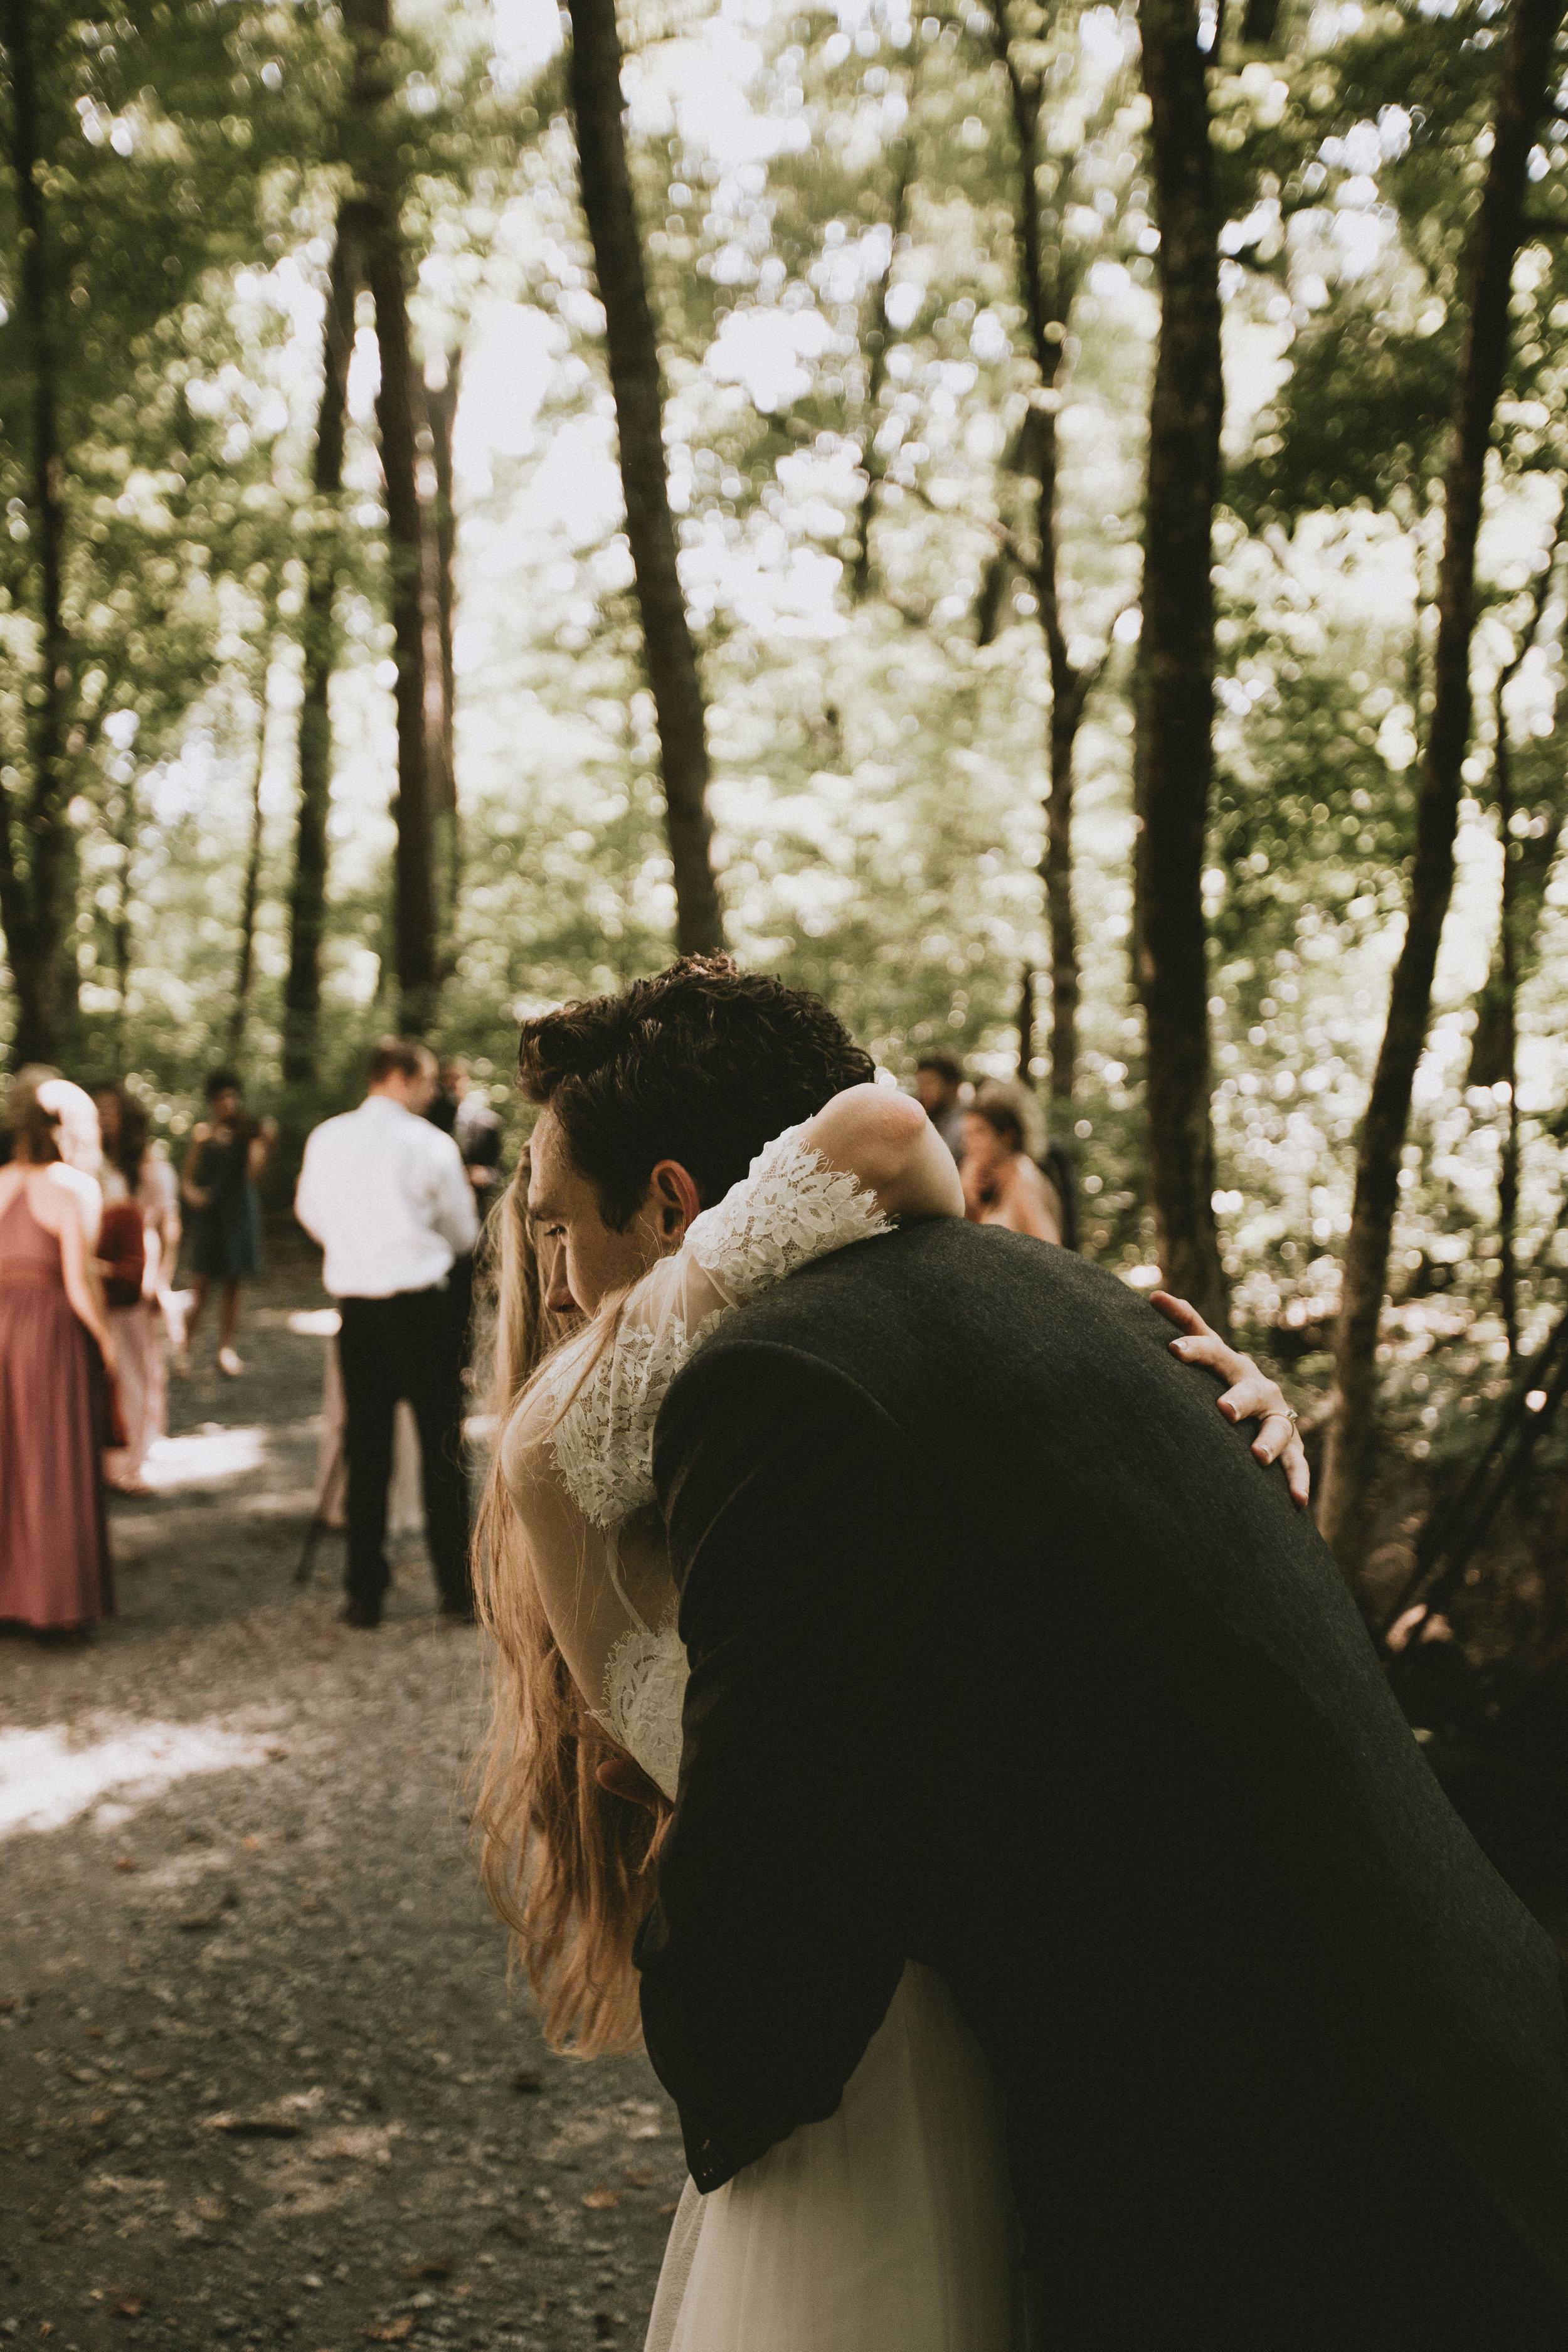 samlandreth-atlanta-wedding-626.jpg